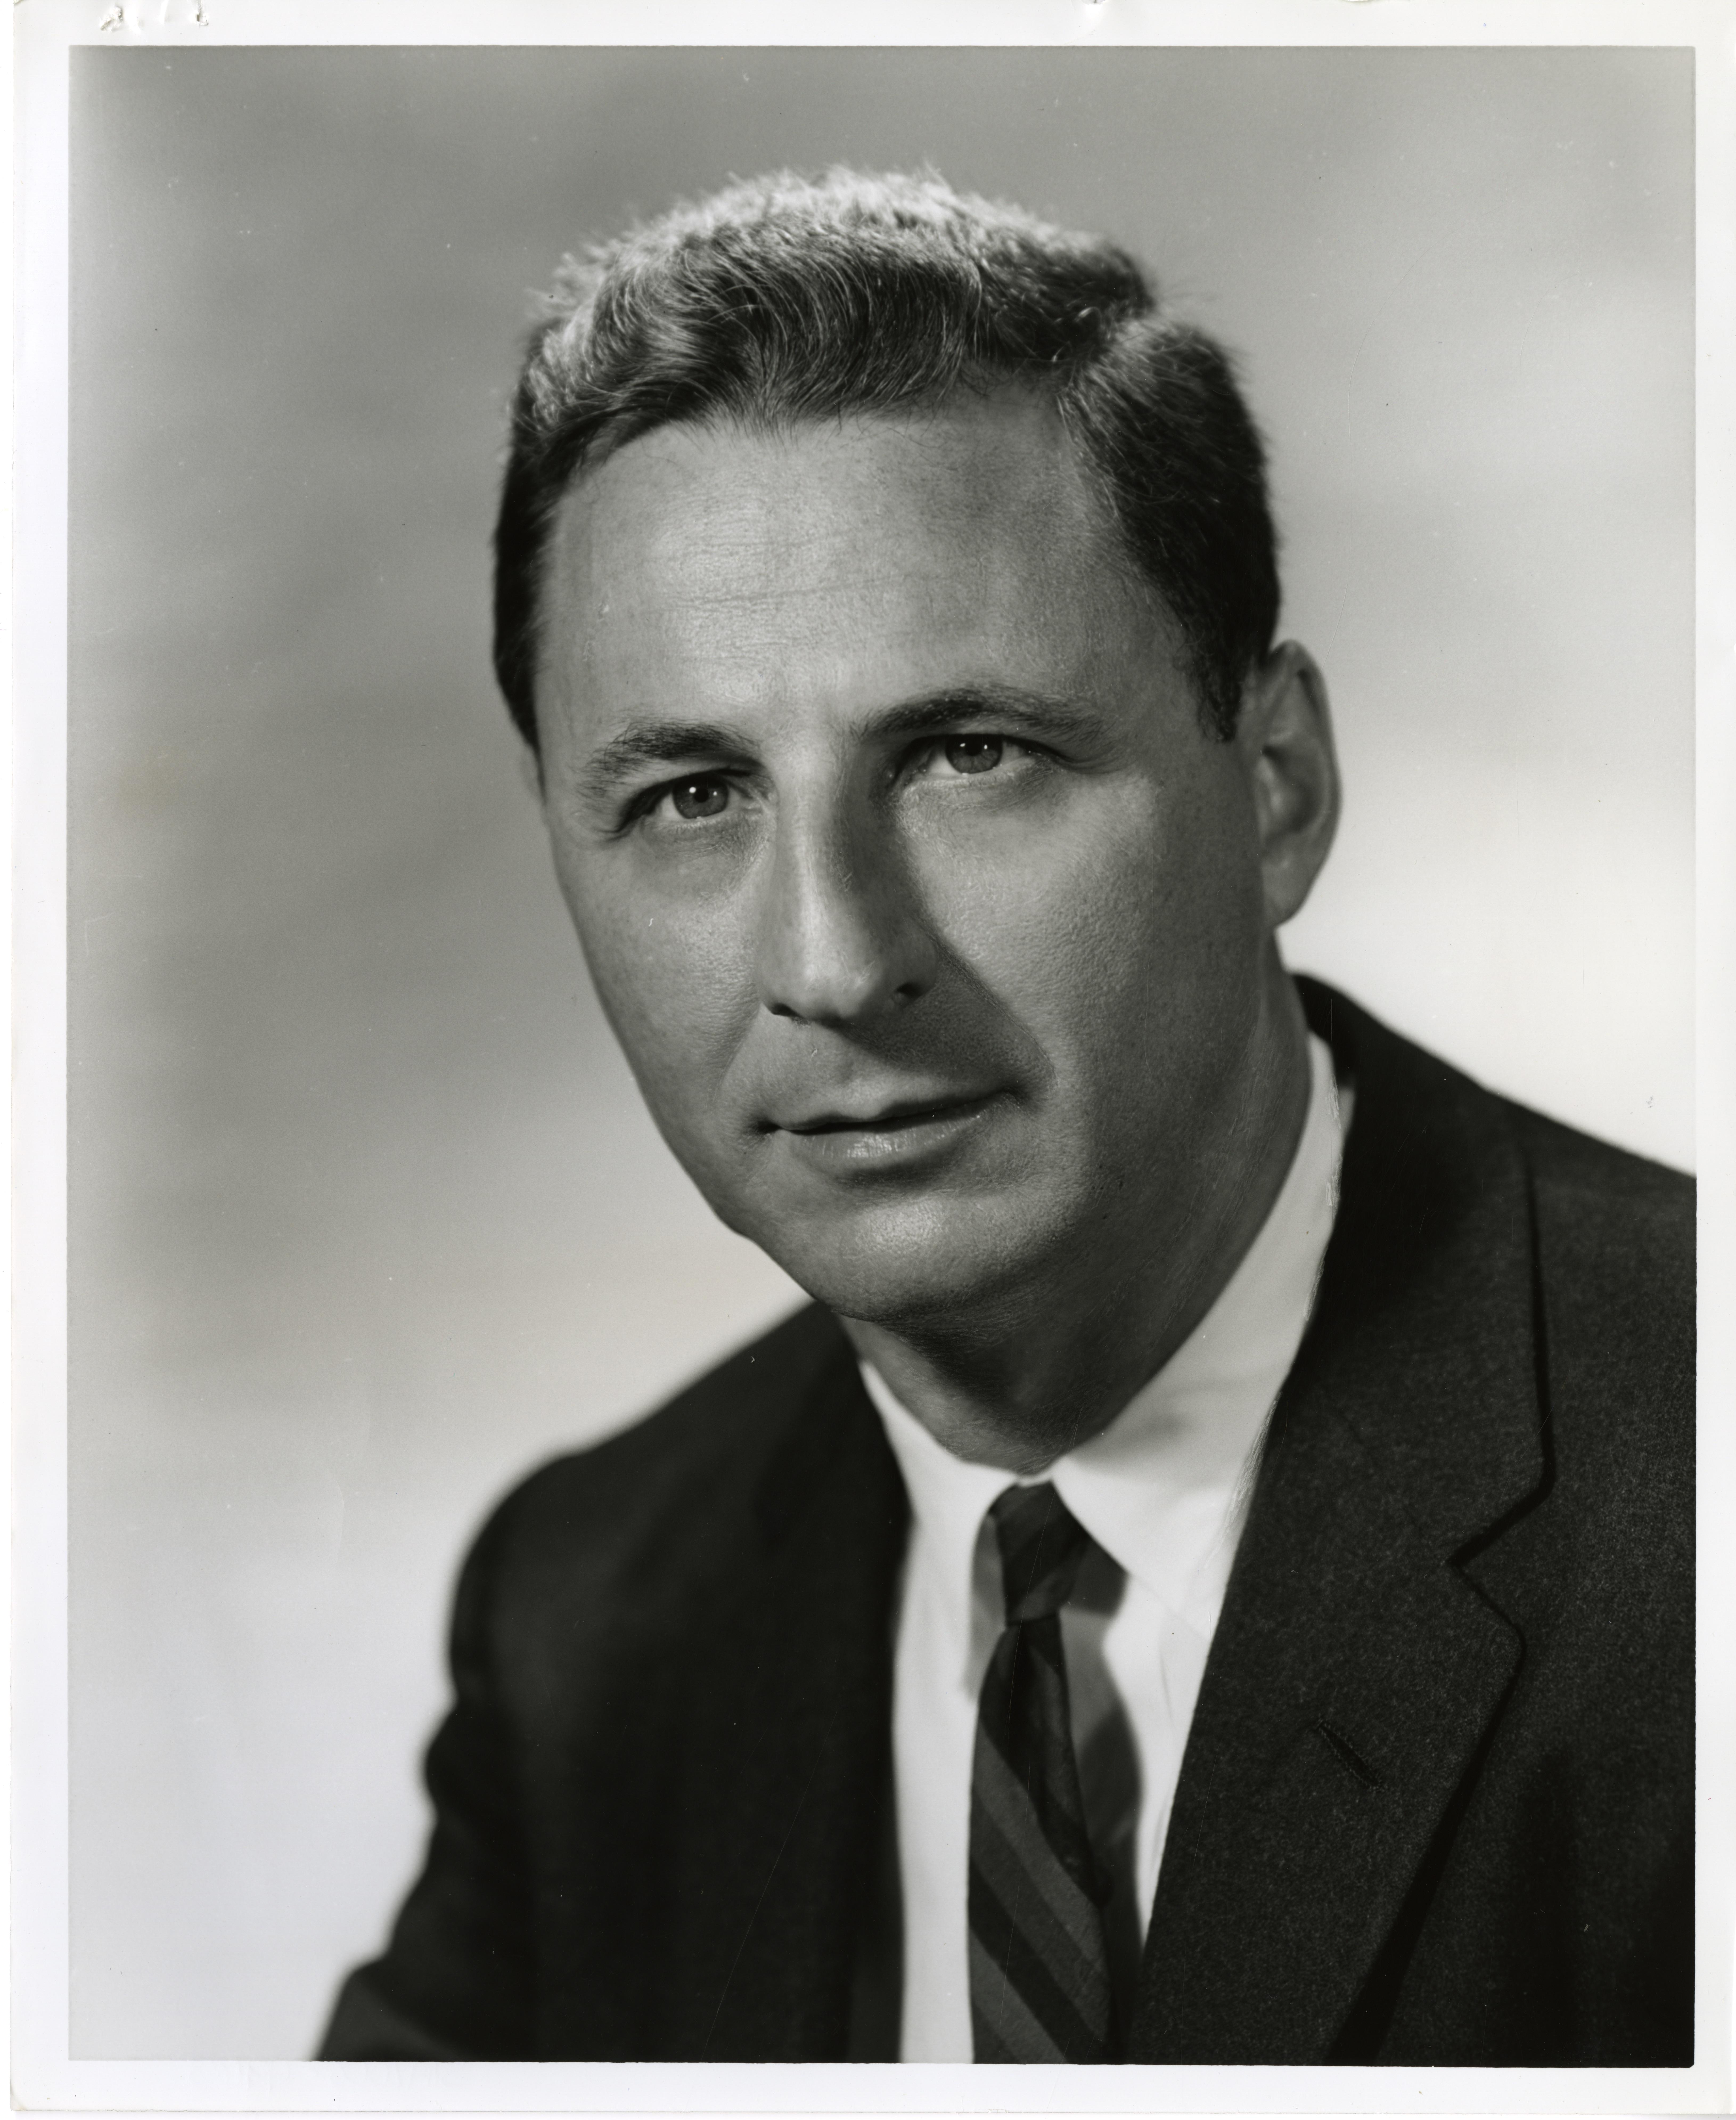 Portrait photograph of a man in a suit.